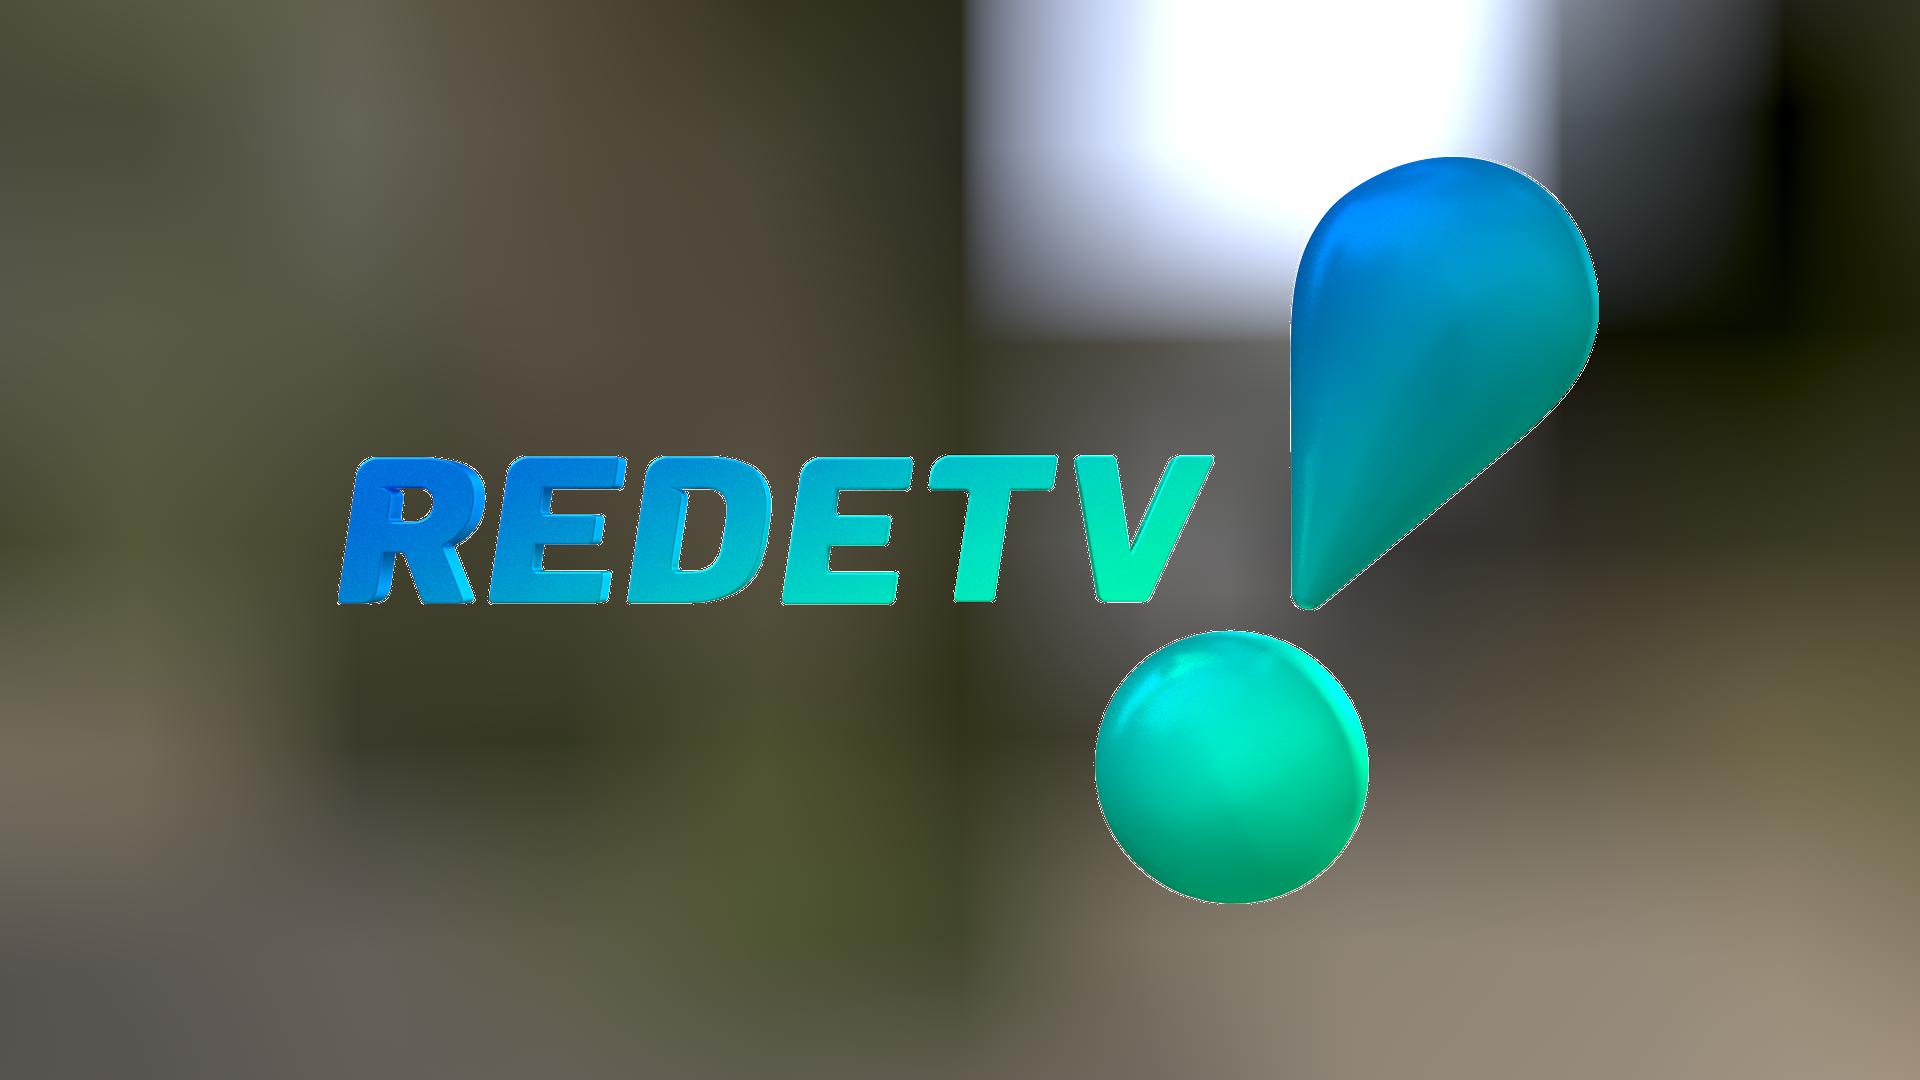 RedeTV! poderá ser vendida (Divulgação)